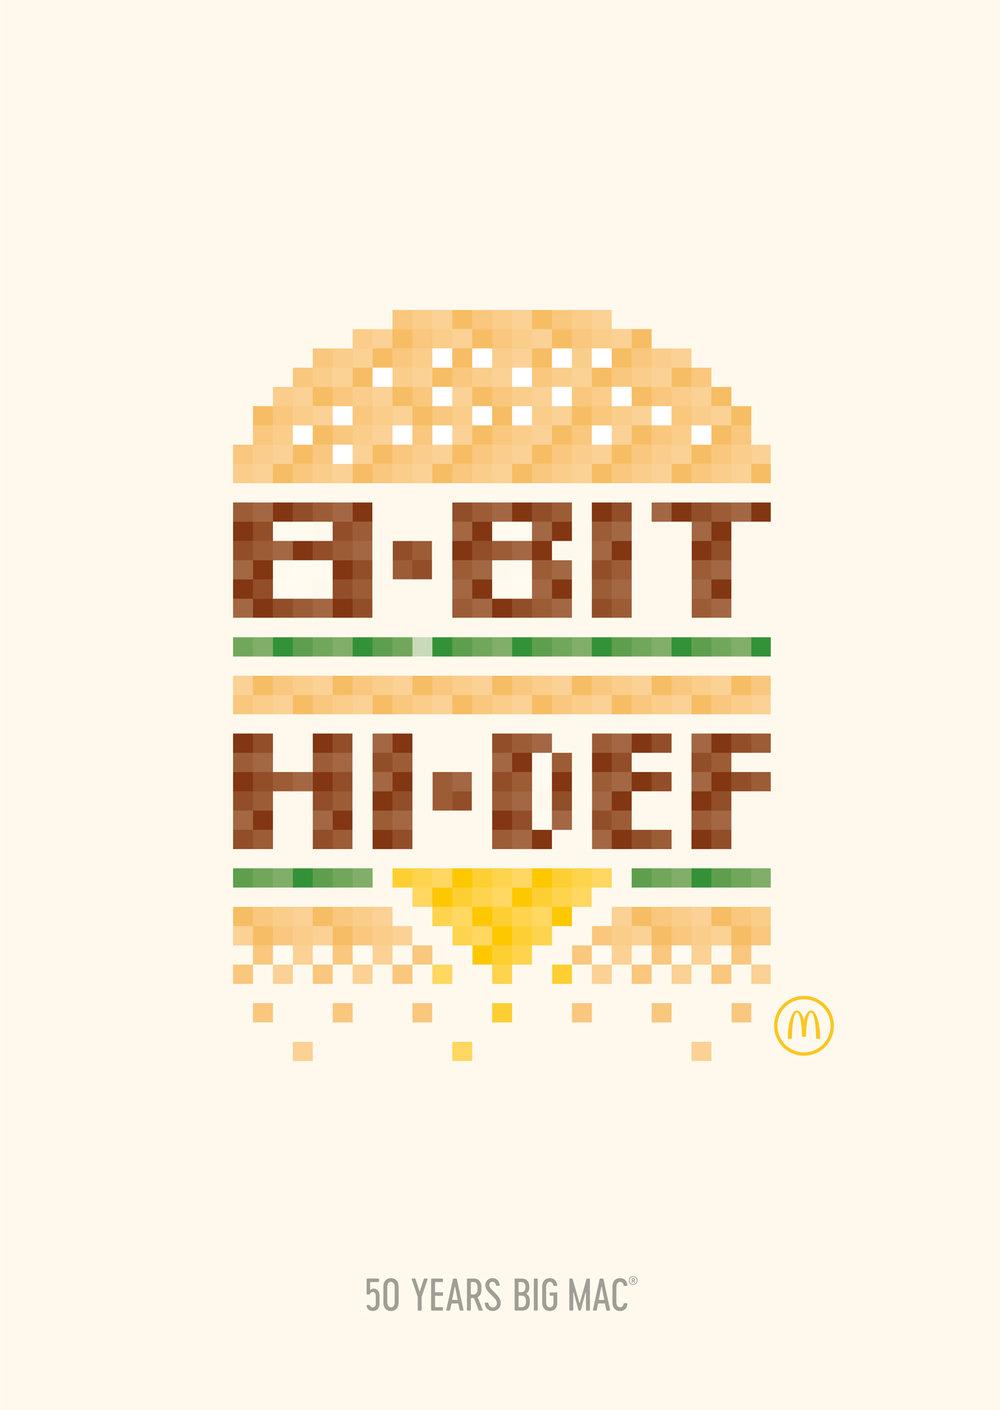 10_8-Bit_Hi-Def.jpg